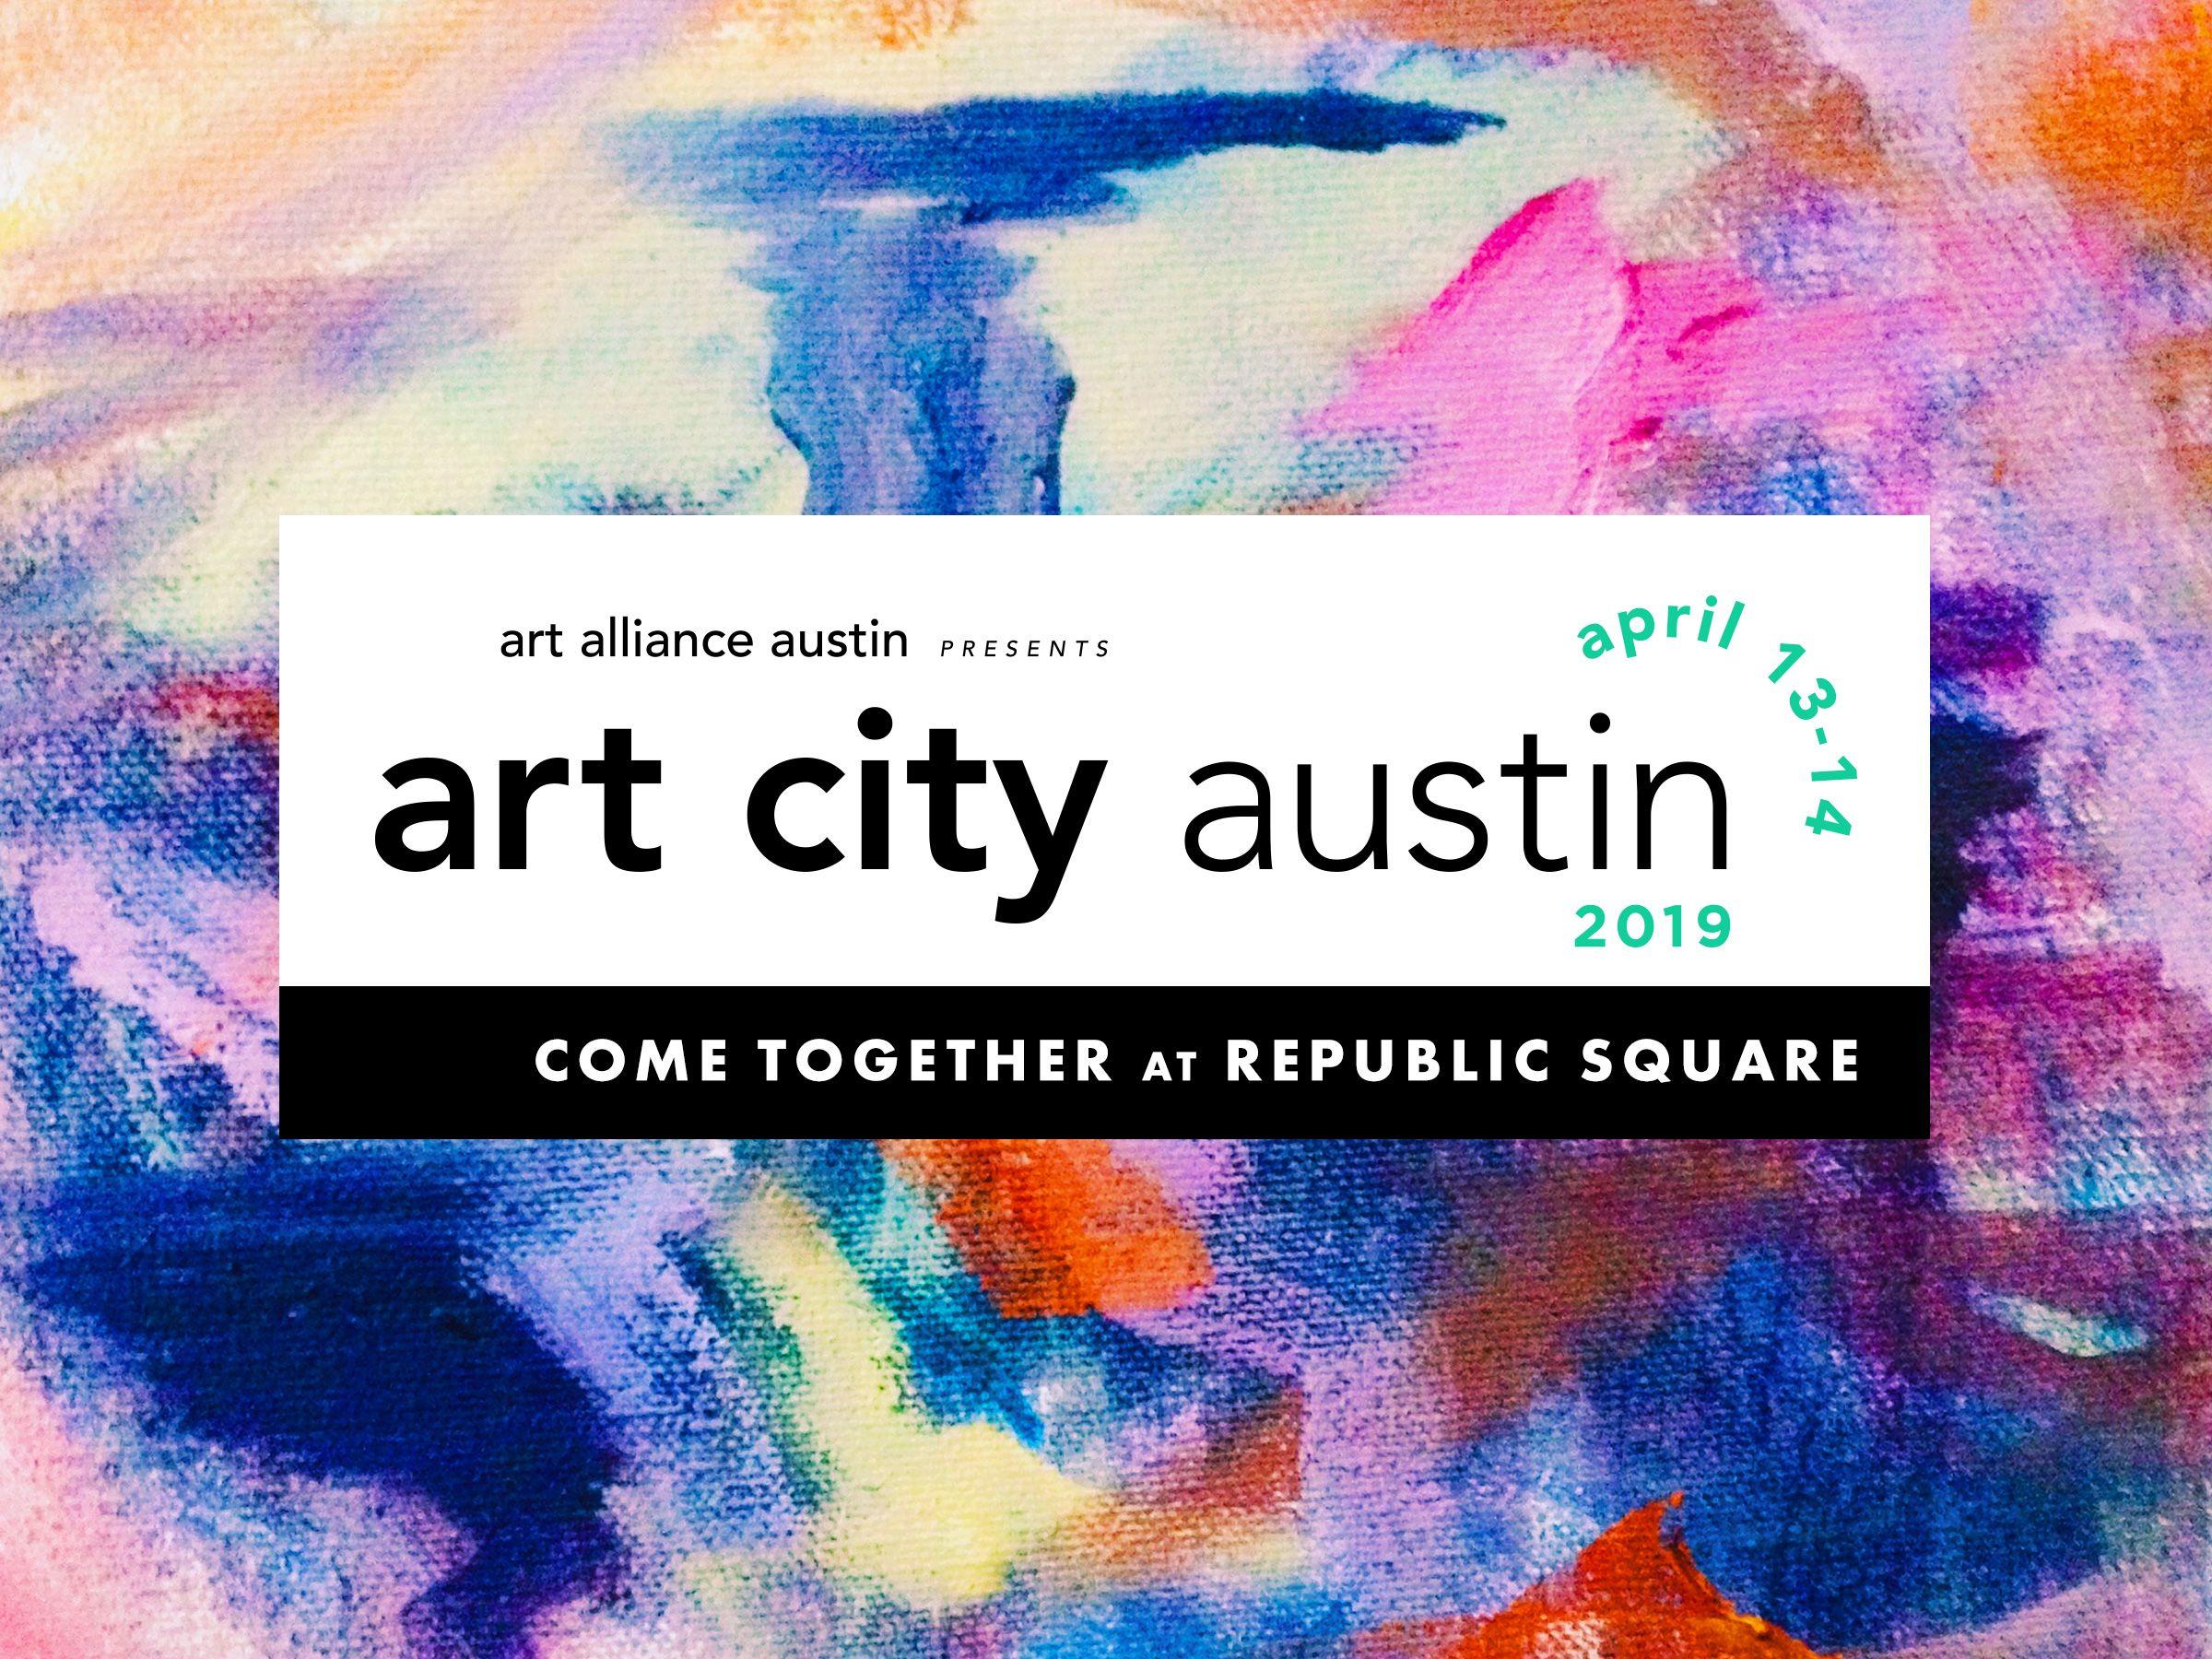 Art City Austin